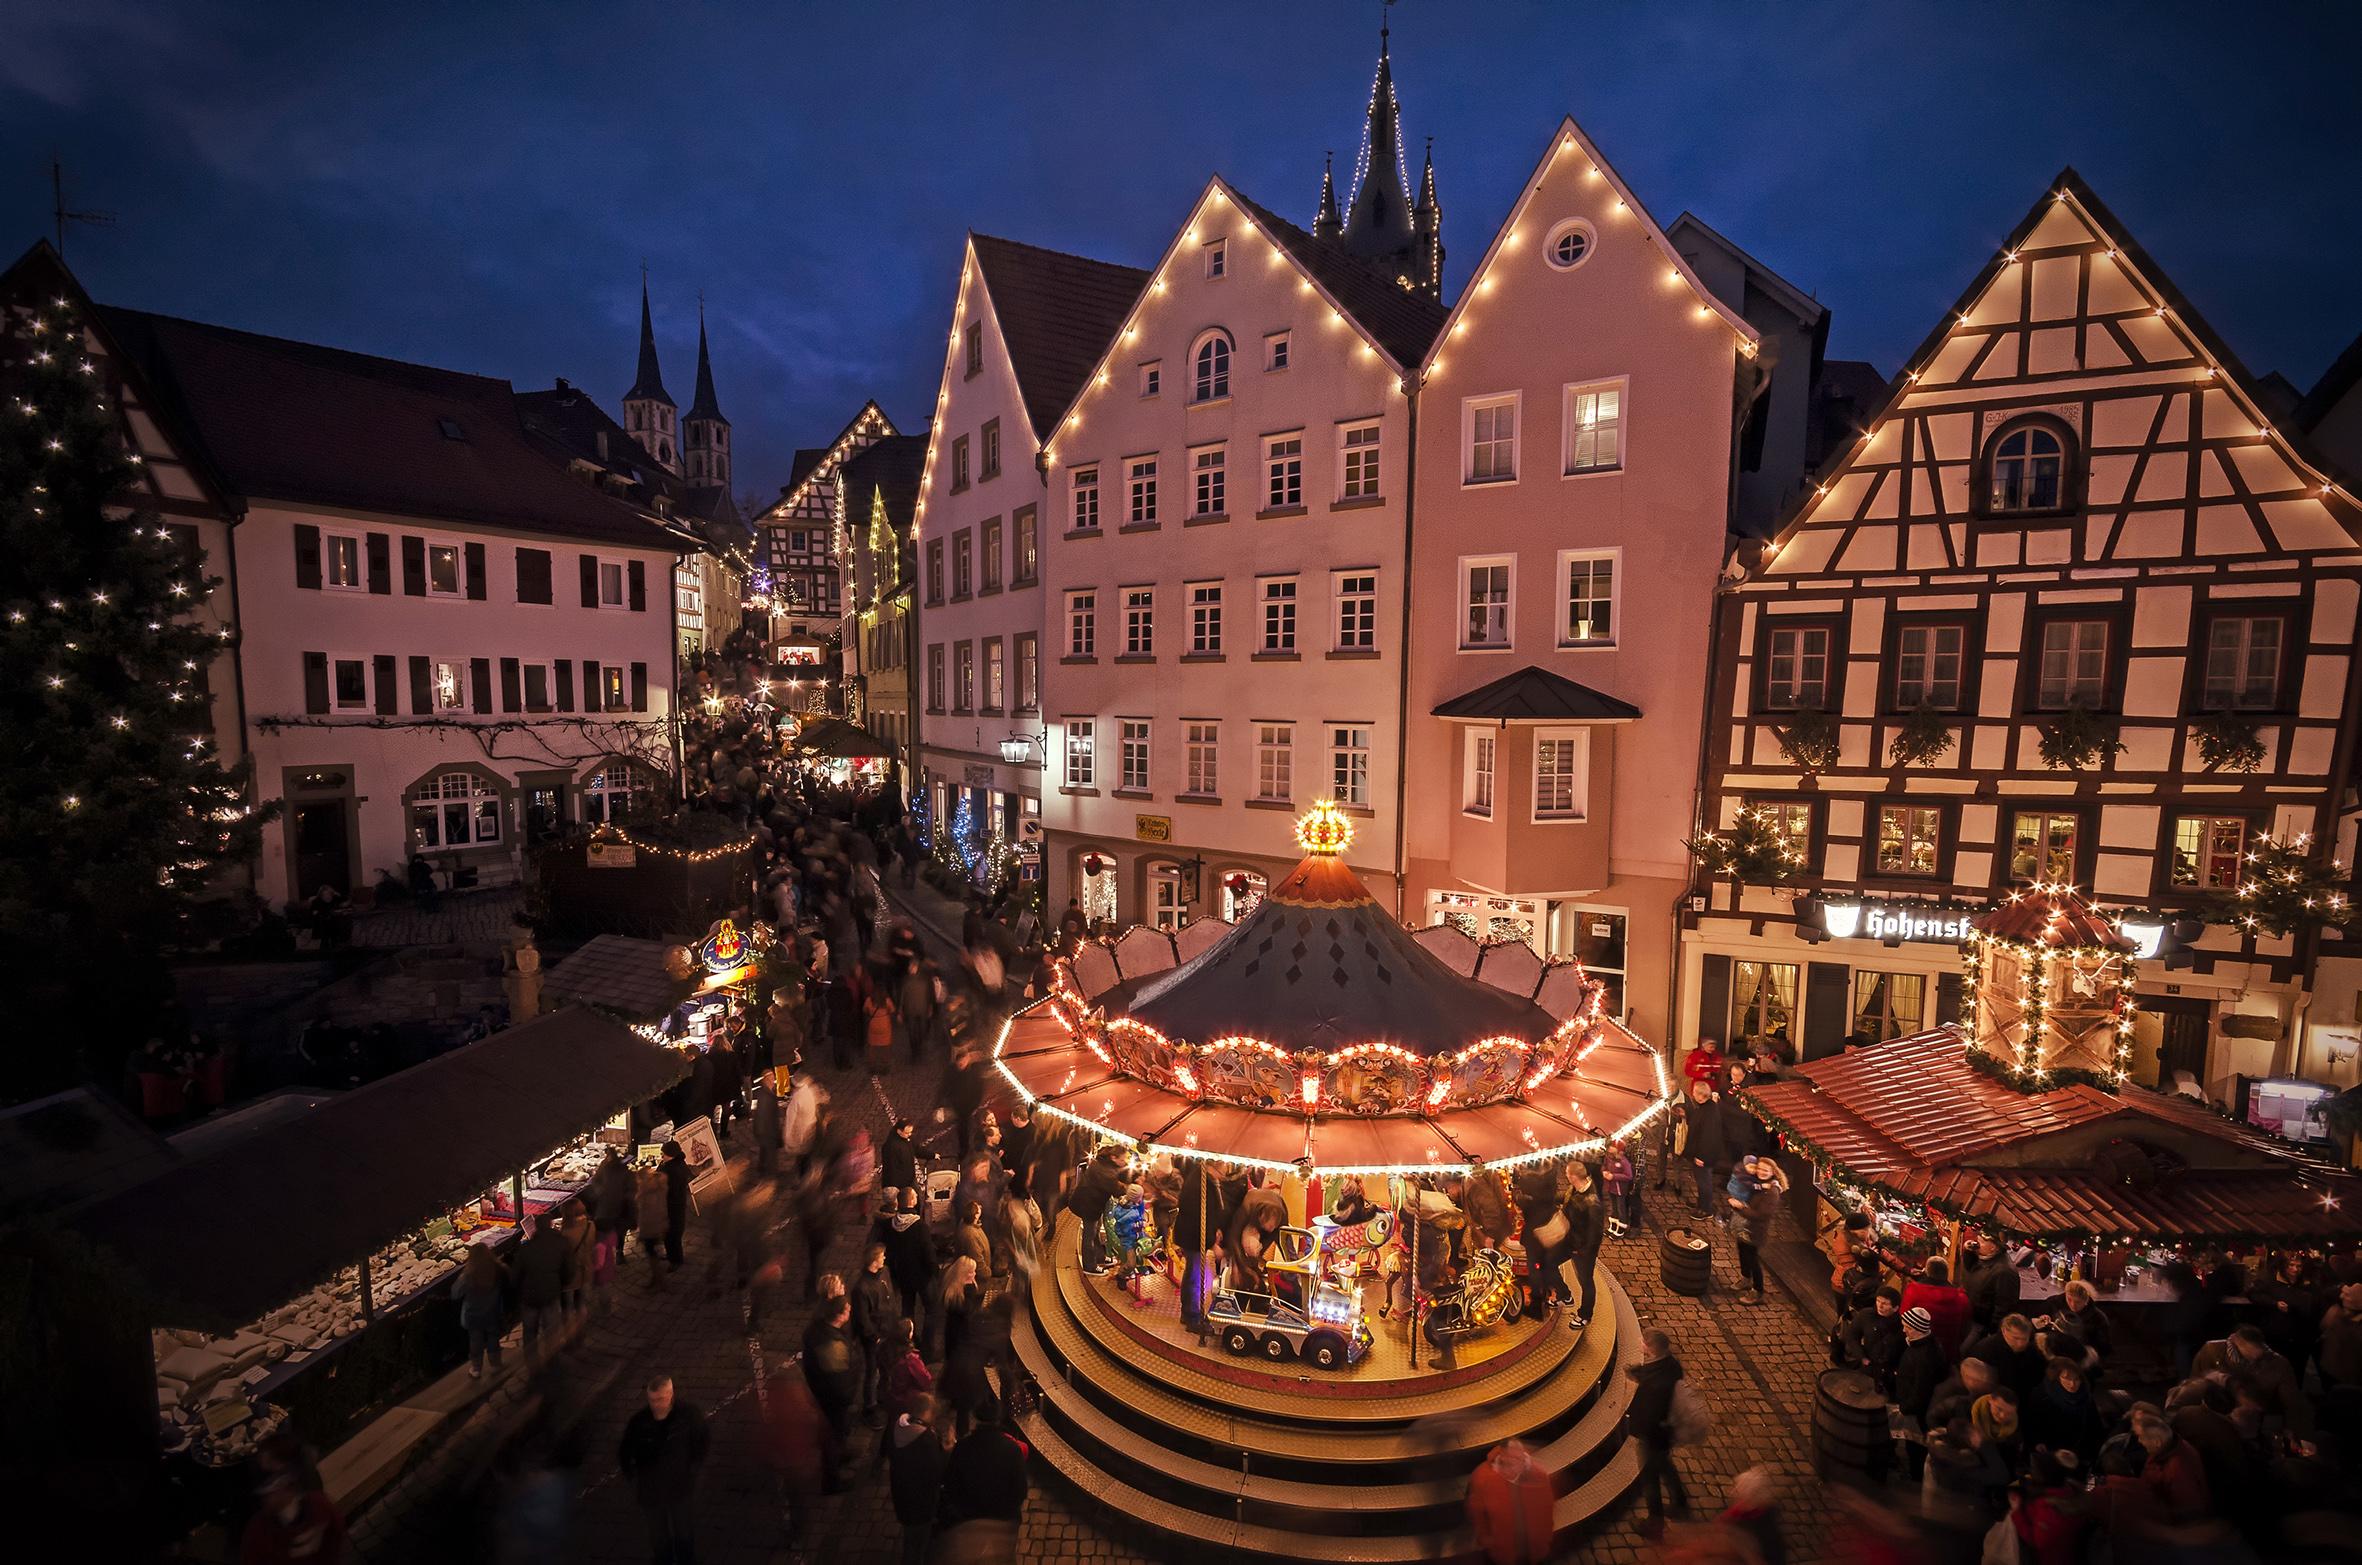 weihnachtsmark-bad-wimpfen-home2